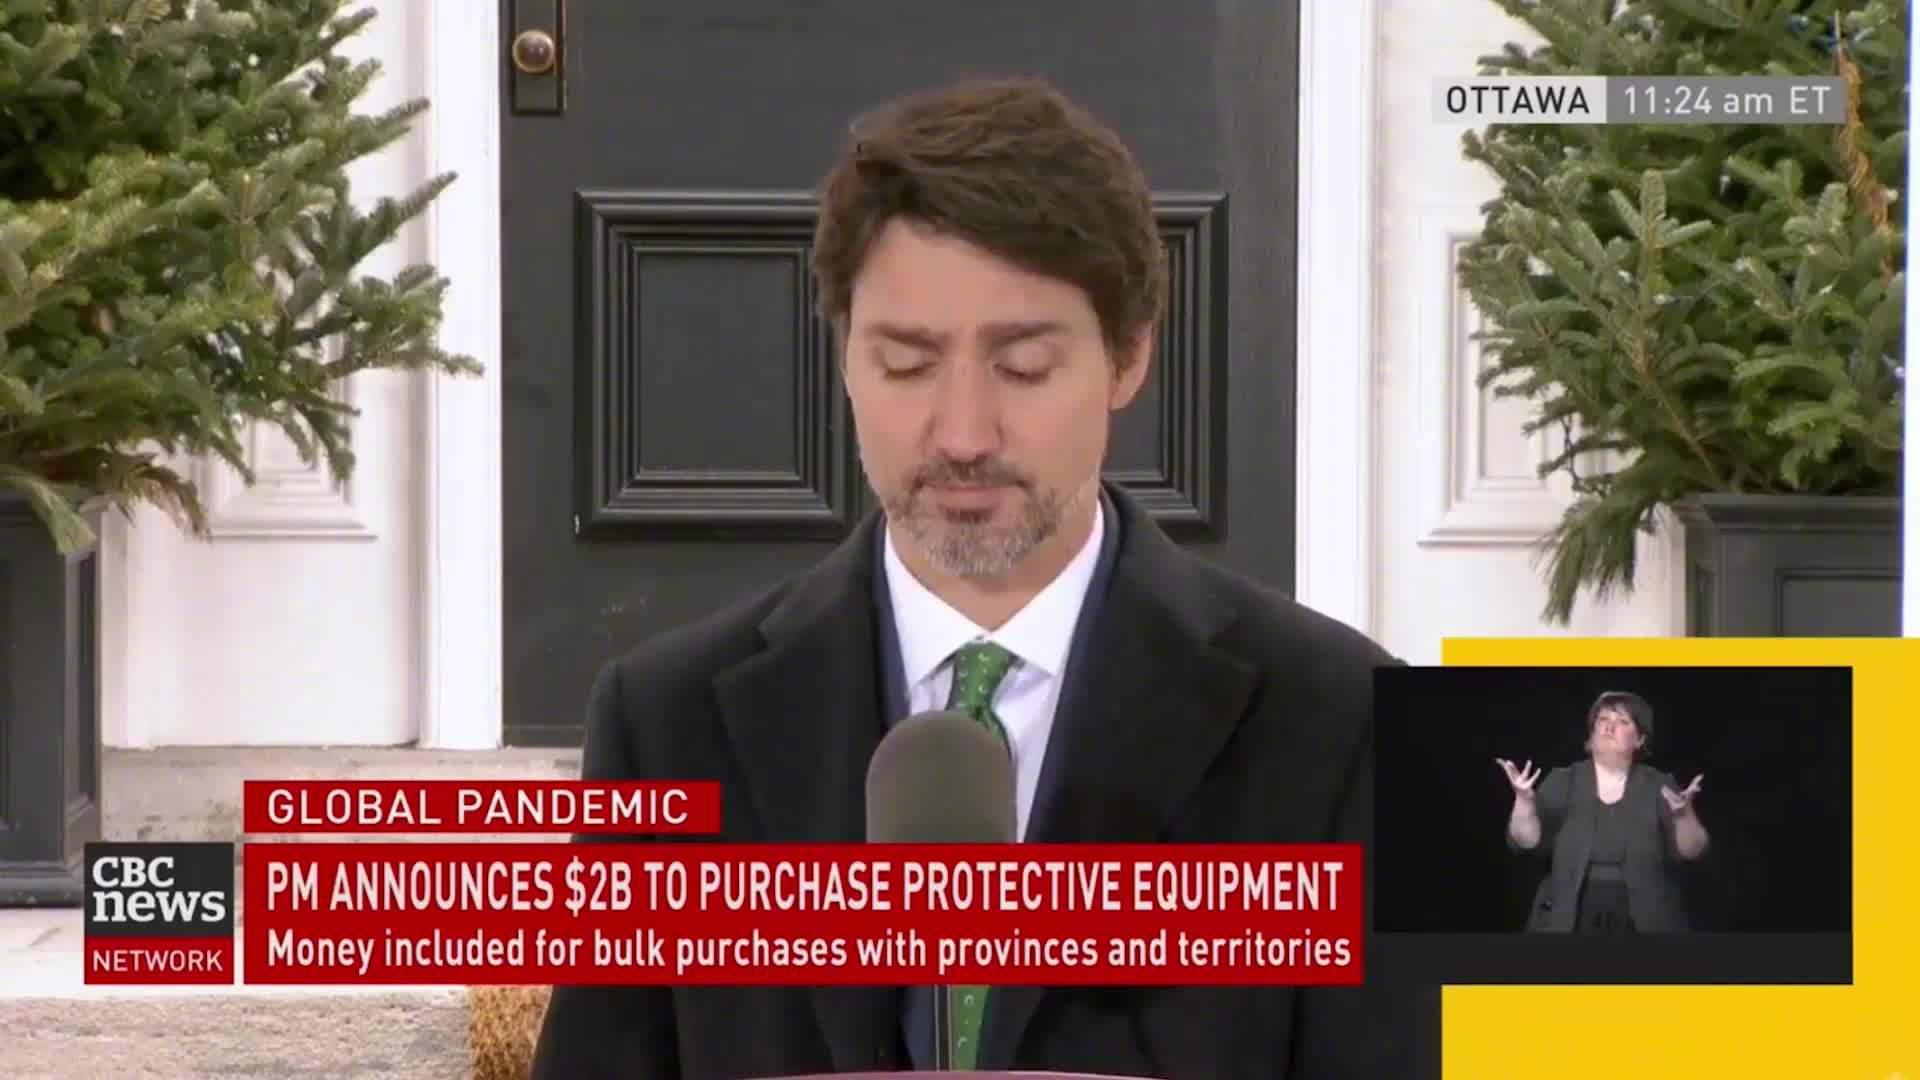 曾给中国送来16吨物资,如今收到帮助,加拿大总理致谢中国企业